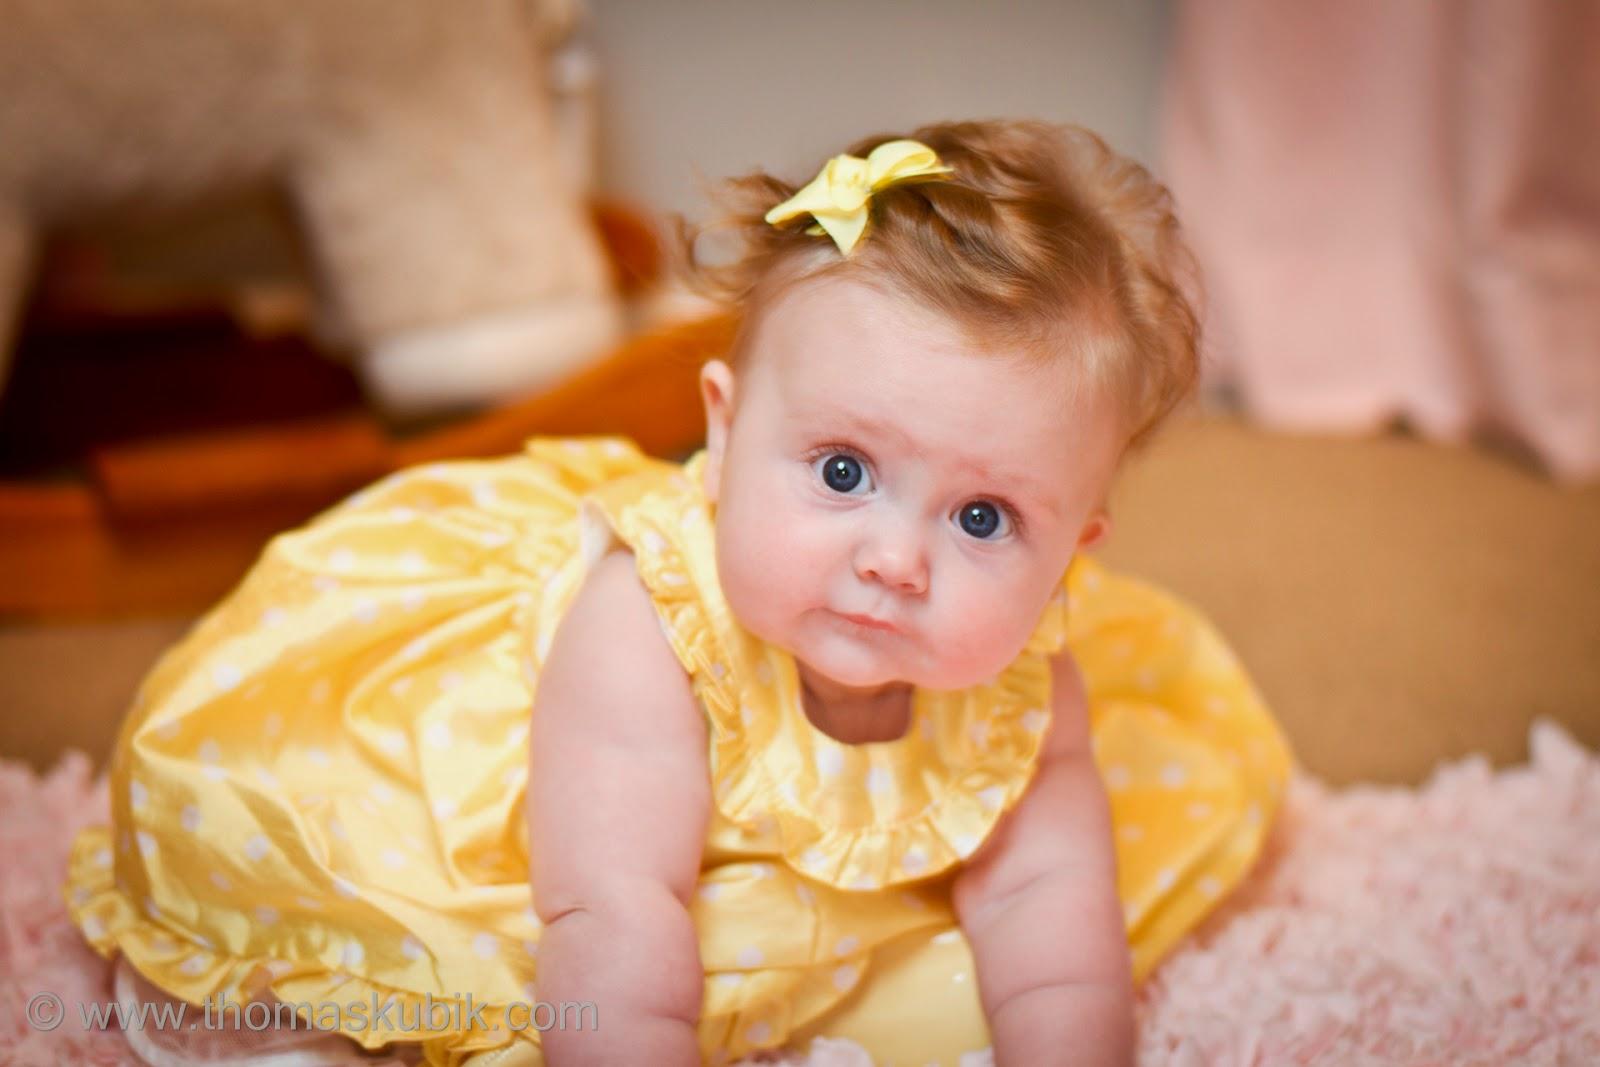 Estimulaci n temprana en beb s de 4 a 6 estimulacion temprana y desarrollo infantil - Estimulacion bebe 3 meses ...